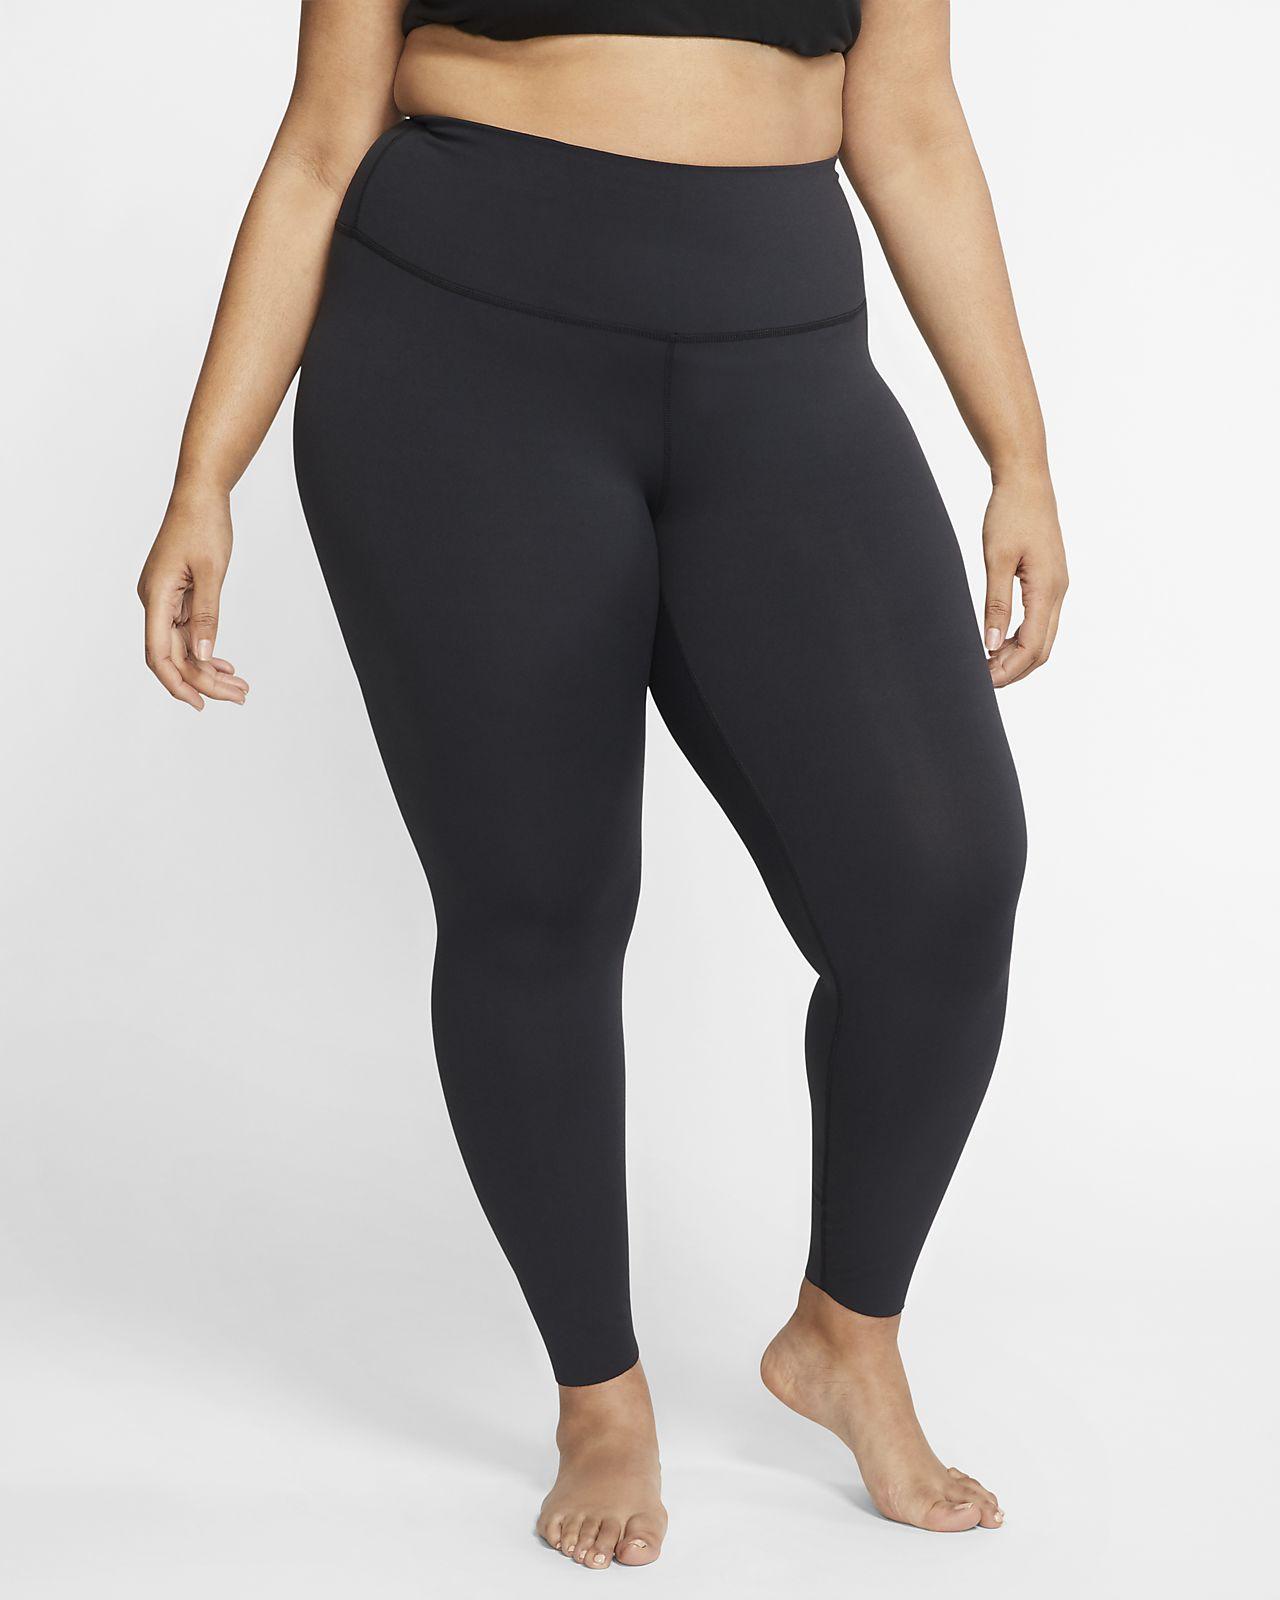 Legginsy damskie 7/8 Nike Yoga (duże rozmiary)